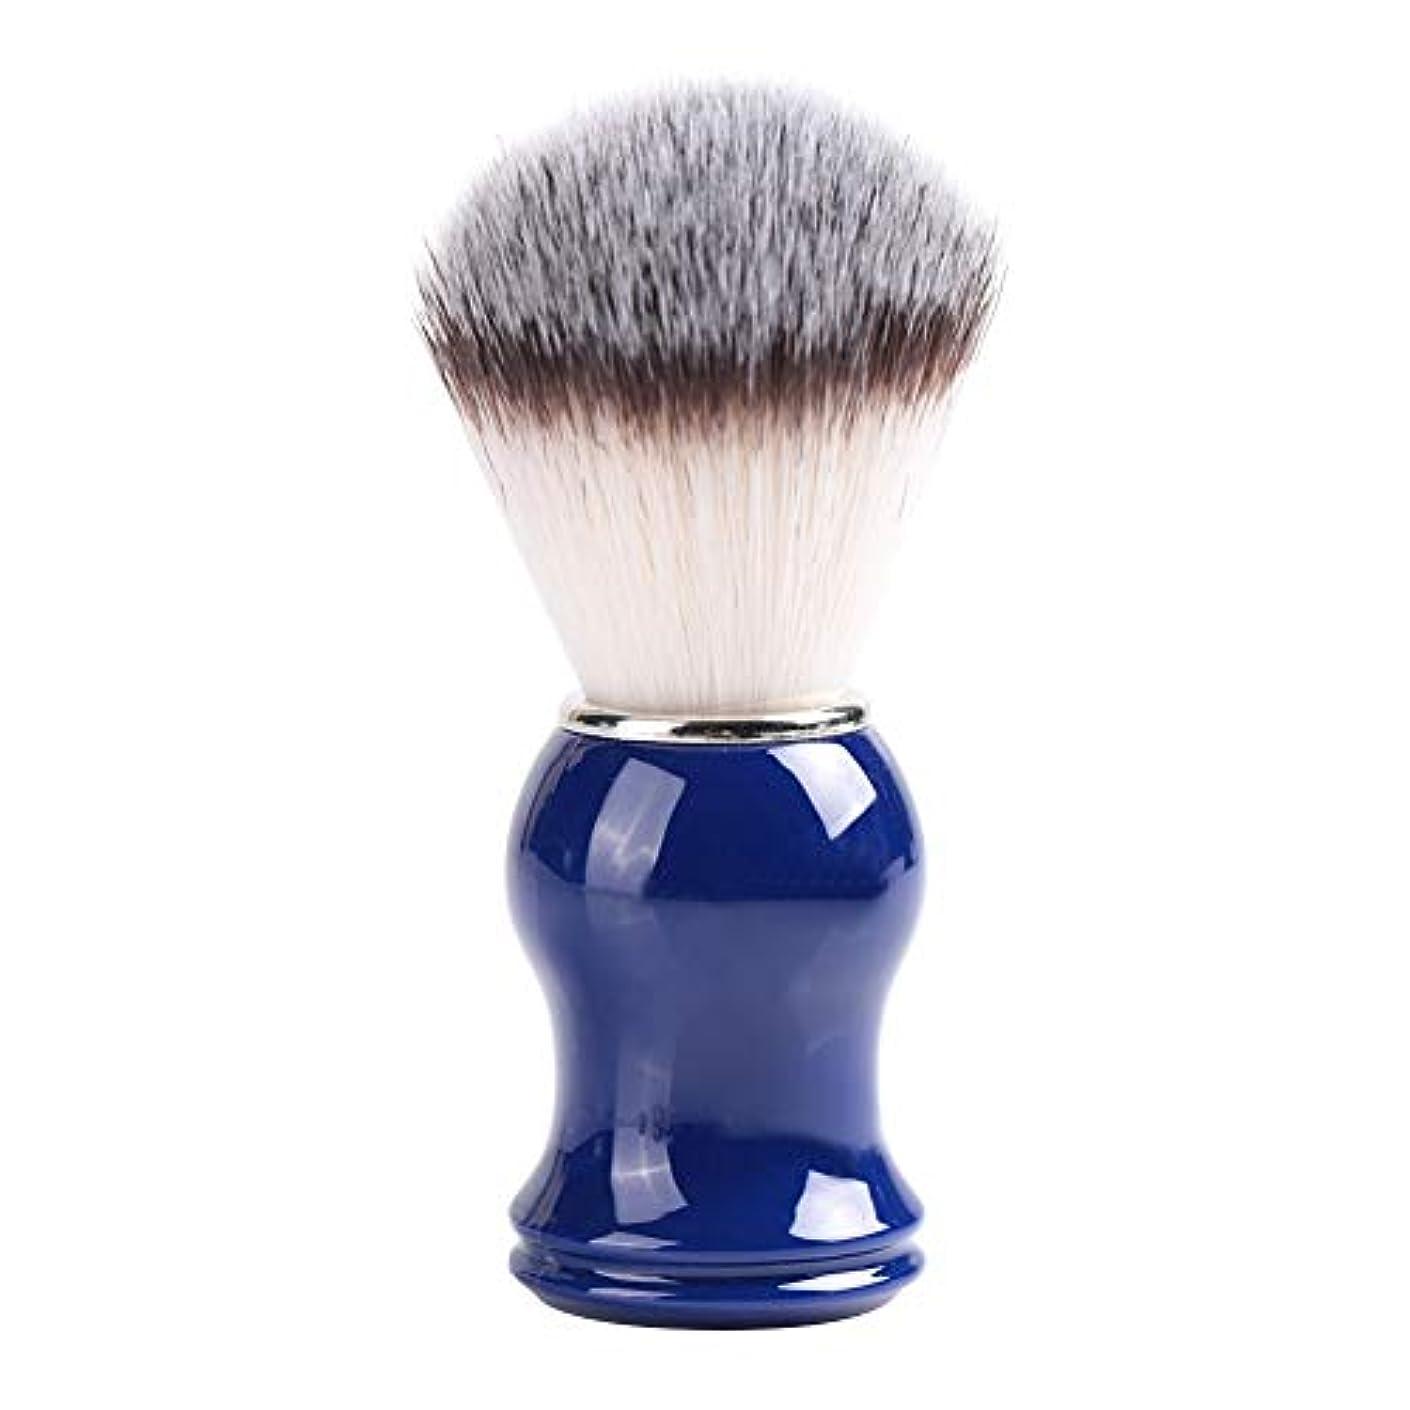 意外ディーラーブートNitrip シェービングブラシ ひげブラシ ひげケア 理容 洗顔 髭剃り 泡立ち 男性用 2色(剛毛+青)